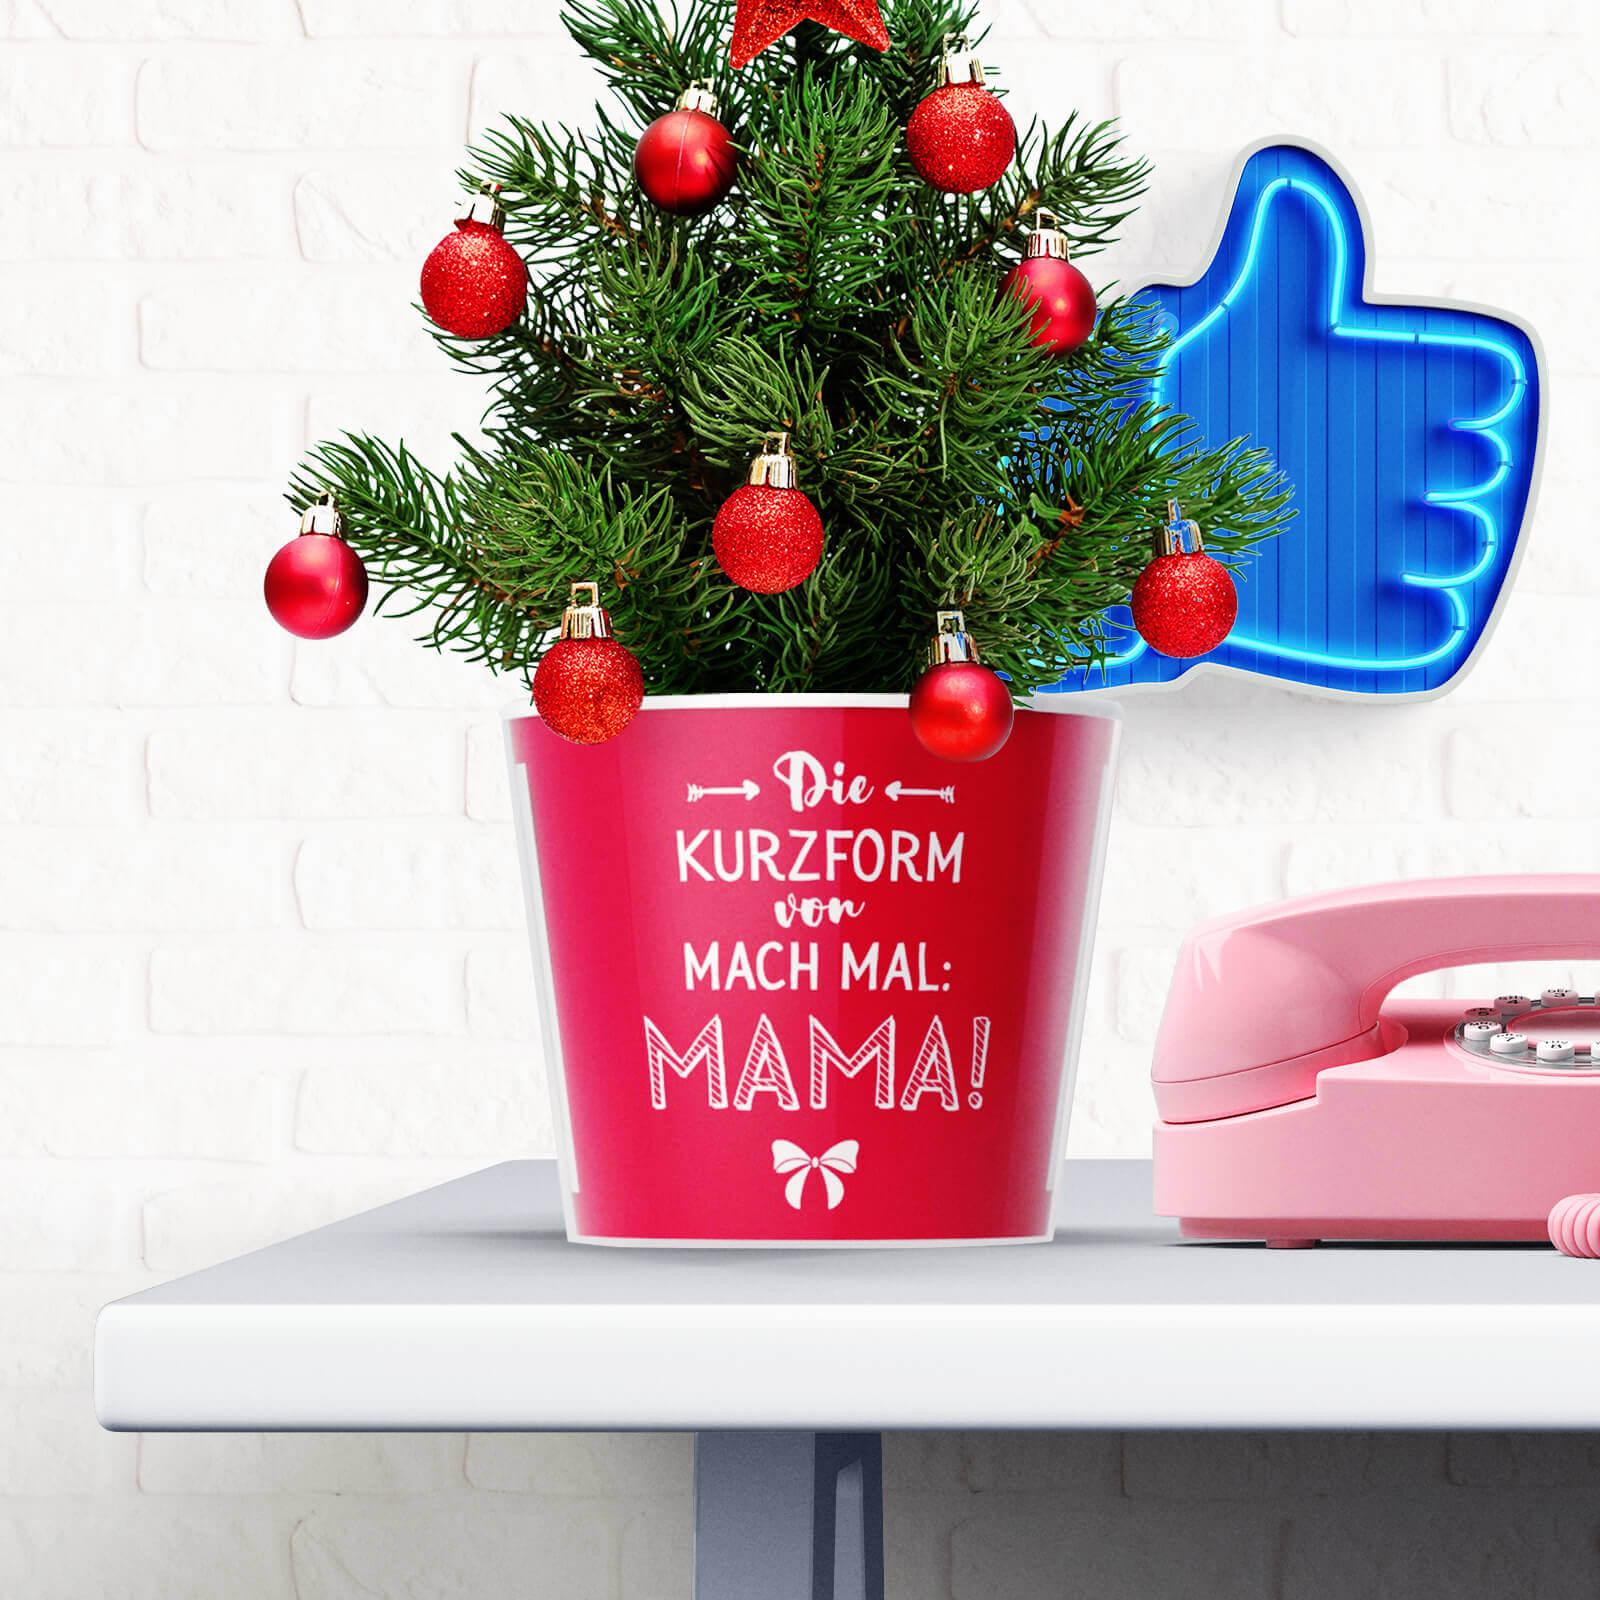 Geschenkidee Mama zu Weihnachten - Kurzform von Mach Mal